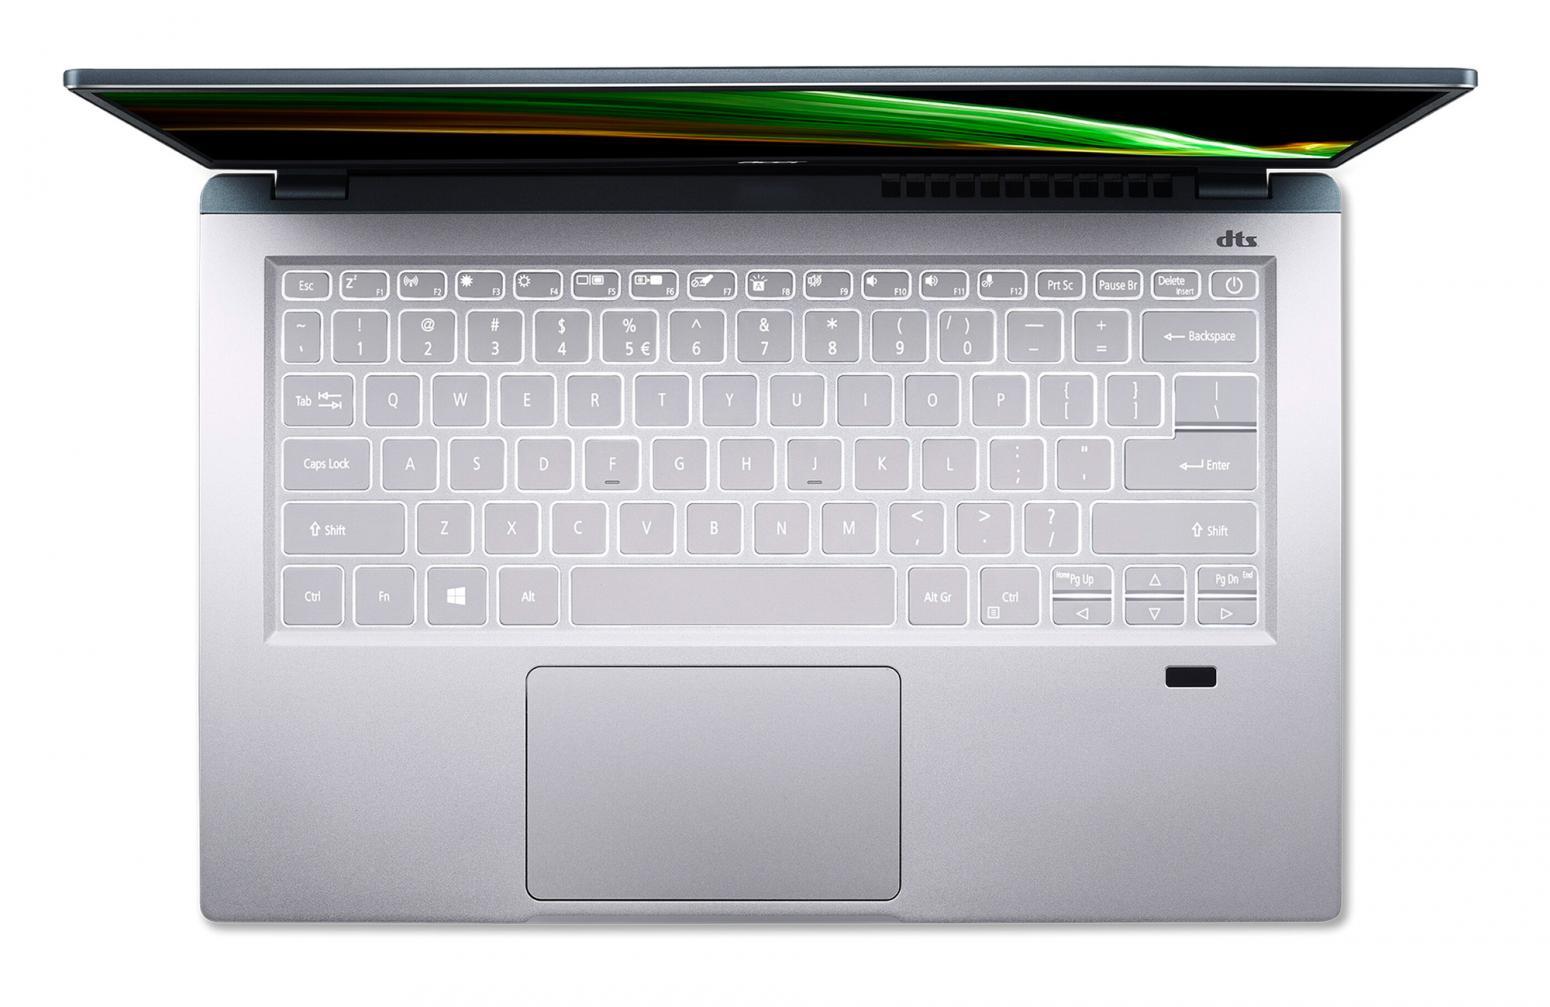 Ordinateur portable Acer Swift X SFX14-41G-R8U0 Argent/Bleu - GTX 1650, Pro - photo 2